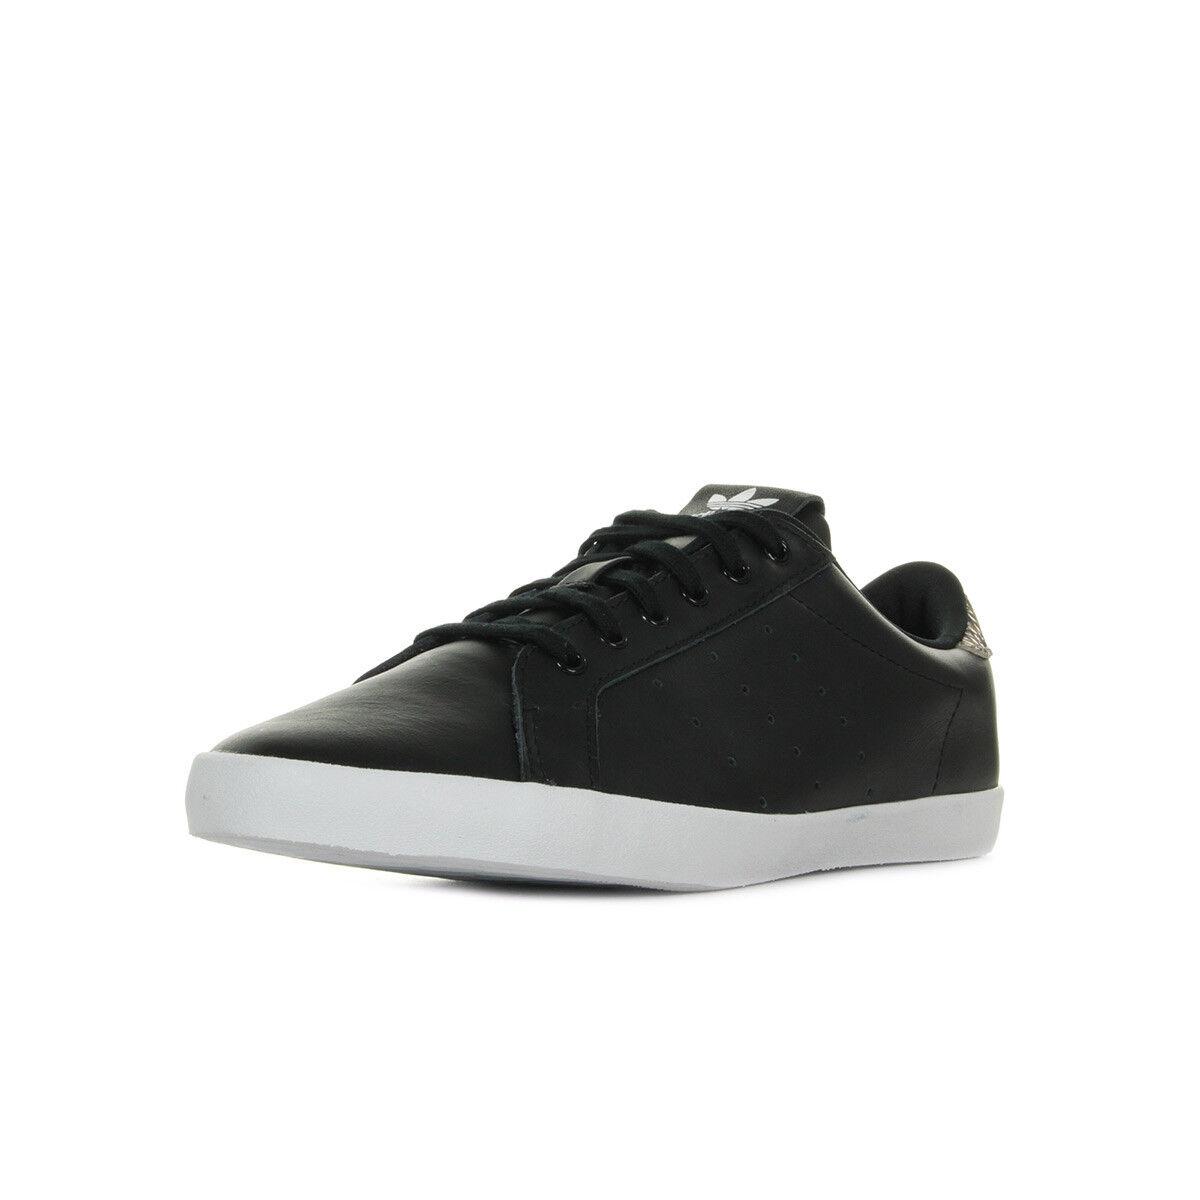 Chaussures Baskets adidas Noire femme Miss Stan W taille Noir Noire adidas Cuir Lacets 89b675